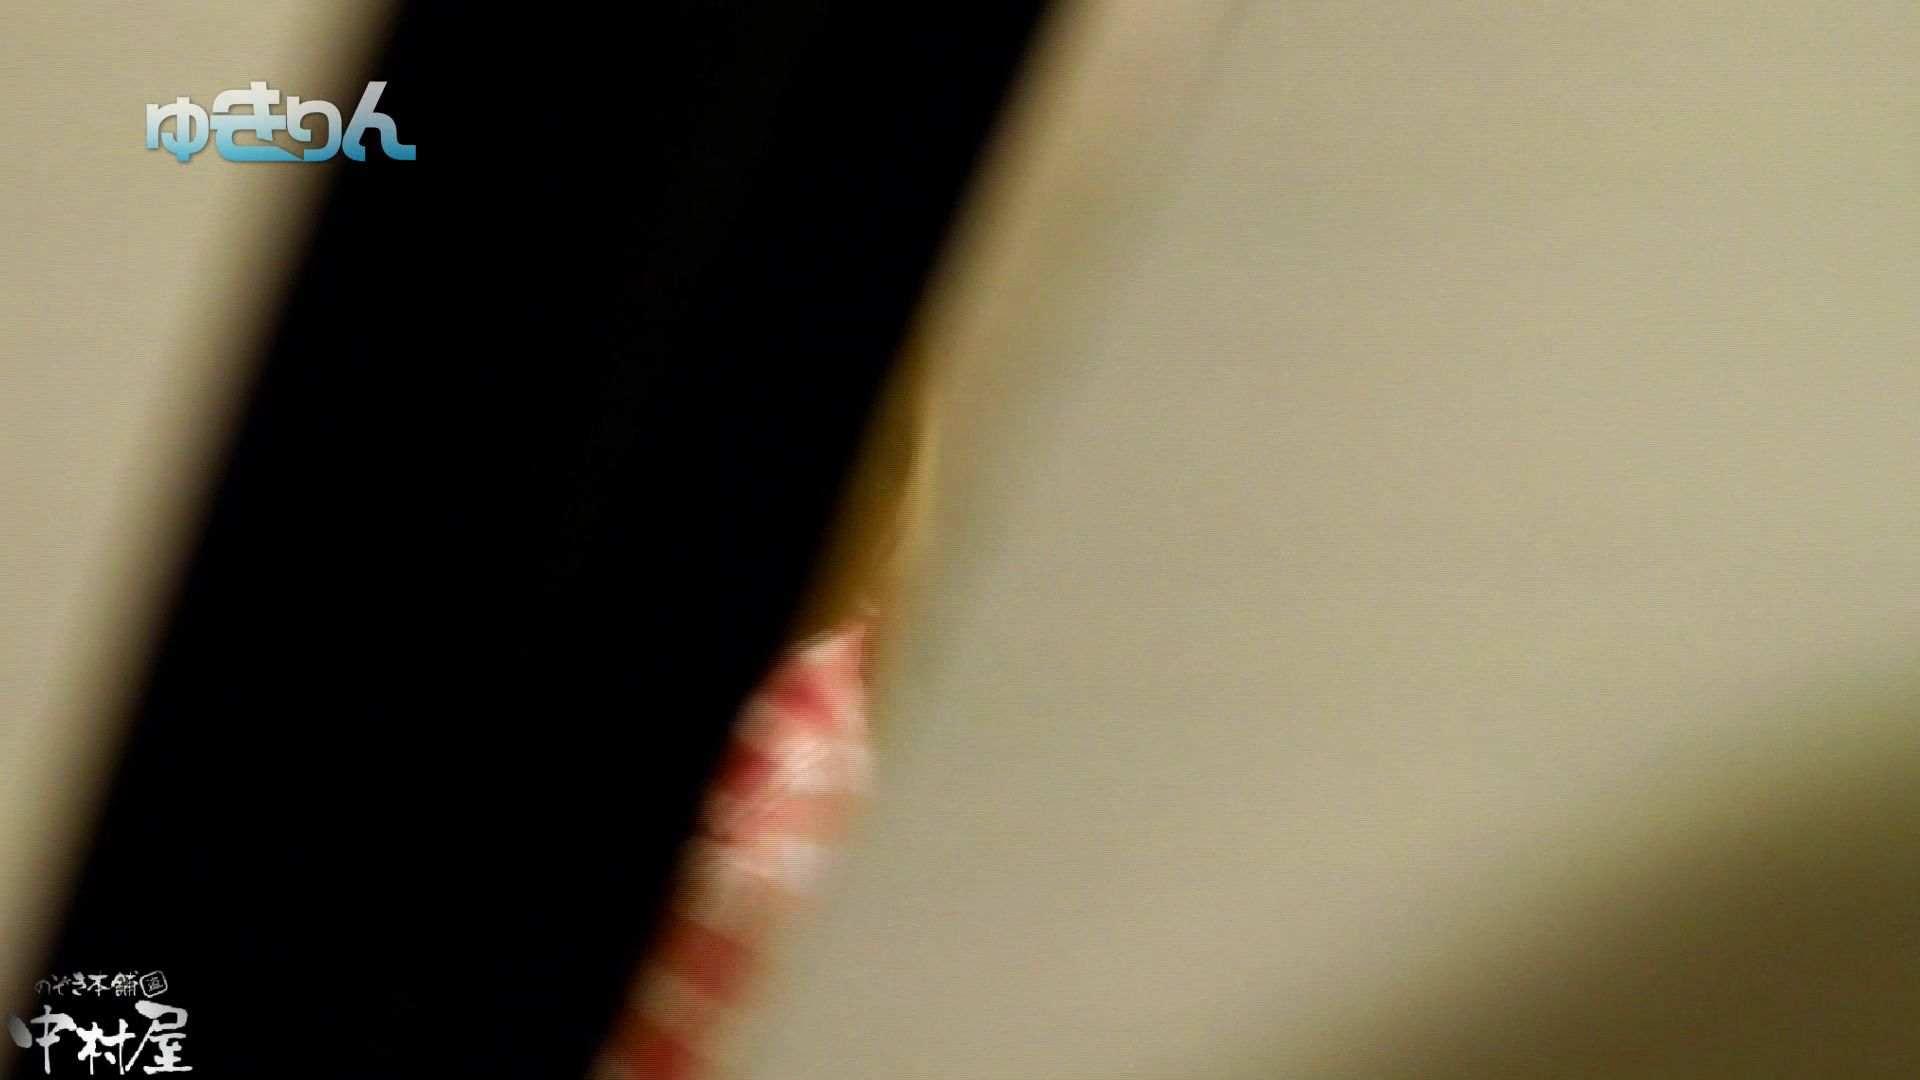 【世界の射窓から~ステーション編~】ステーション編 vol54 便秘のせいで長蛇の列、じっくり撮らせて頂きました後編 OLハメ撮り  44Pix 32